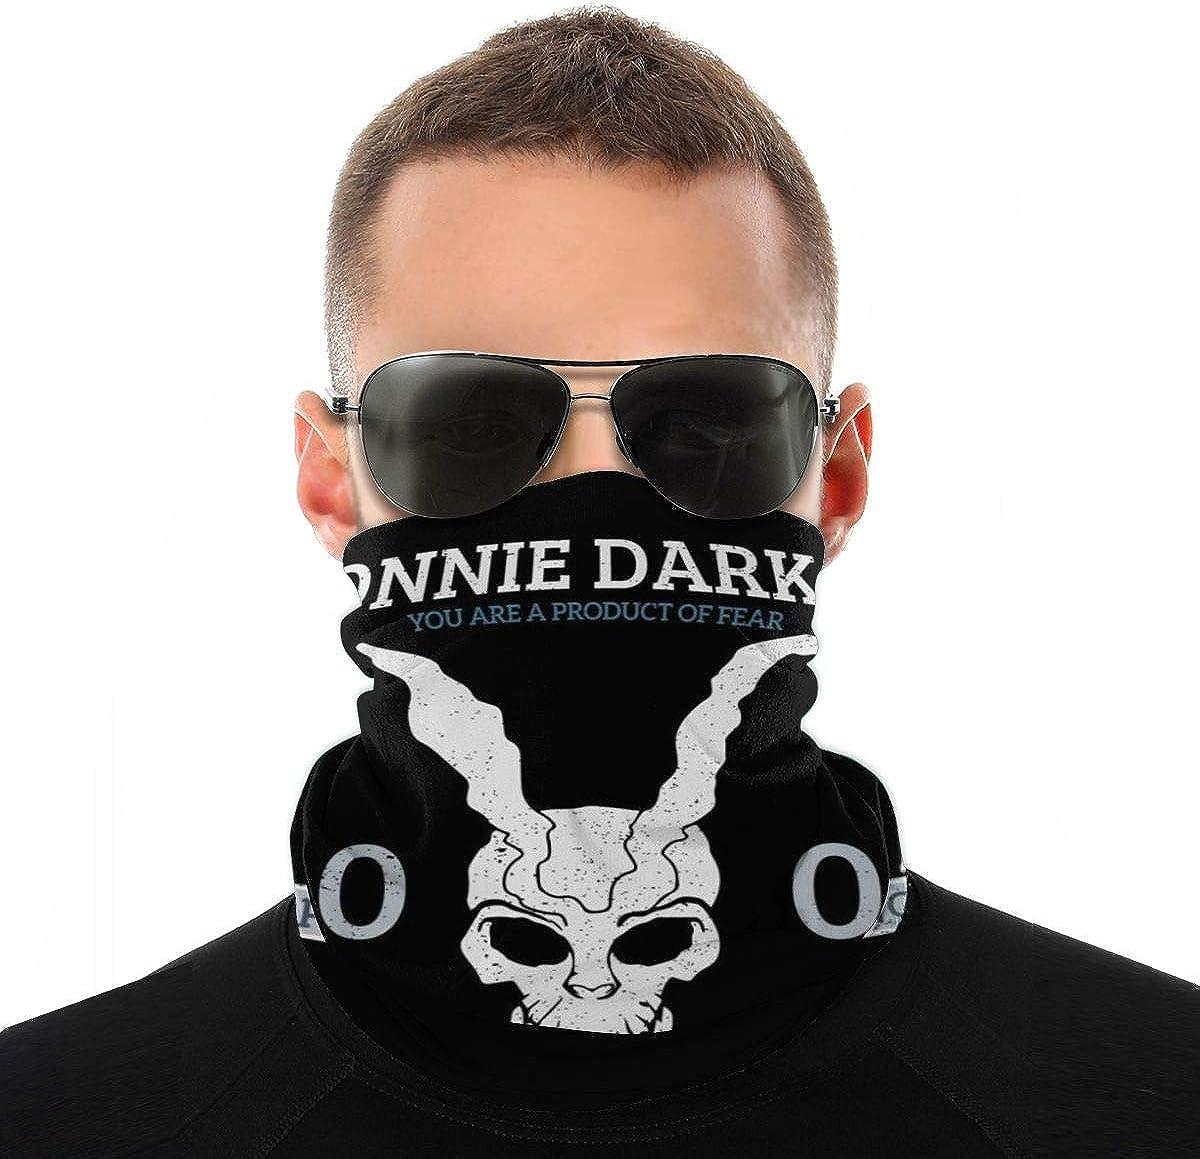 Felsiago Donnie Darkos Palm Reading Variety Kopftuch Schal Magic Headwear Neck Gaiter Gesicht Bandana Schal